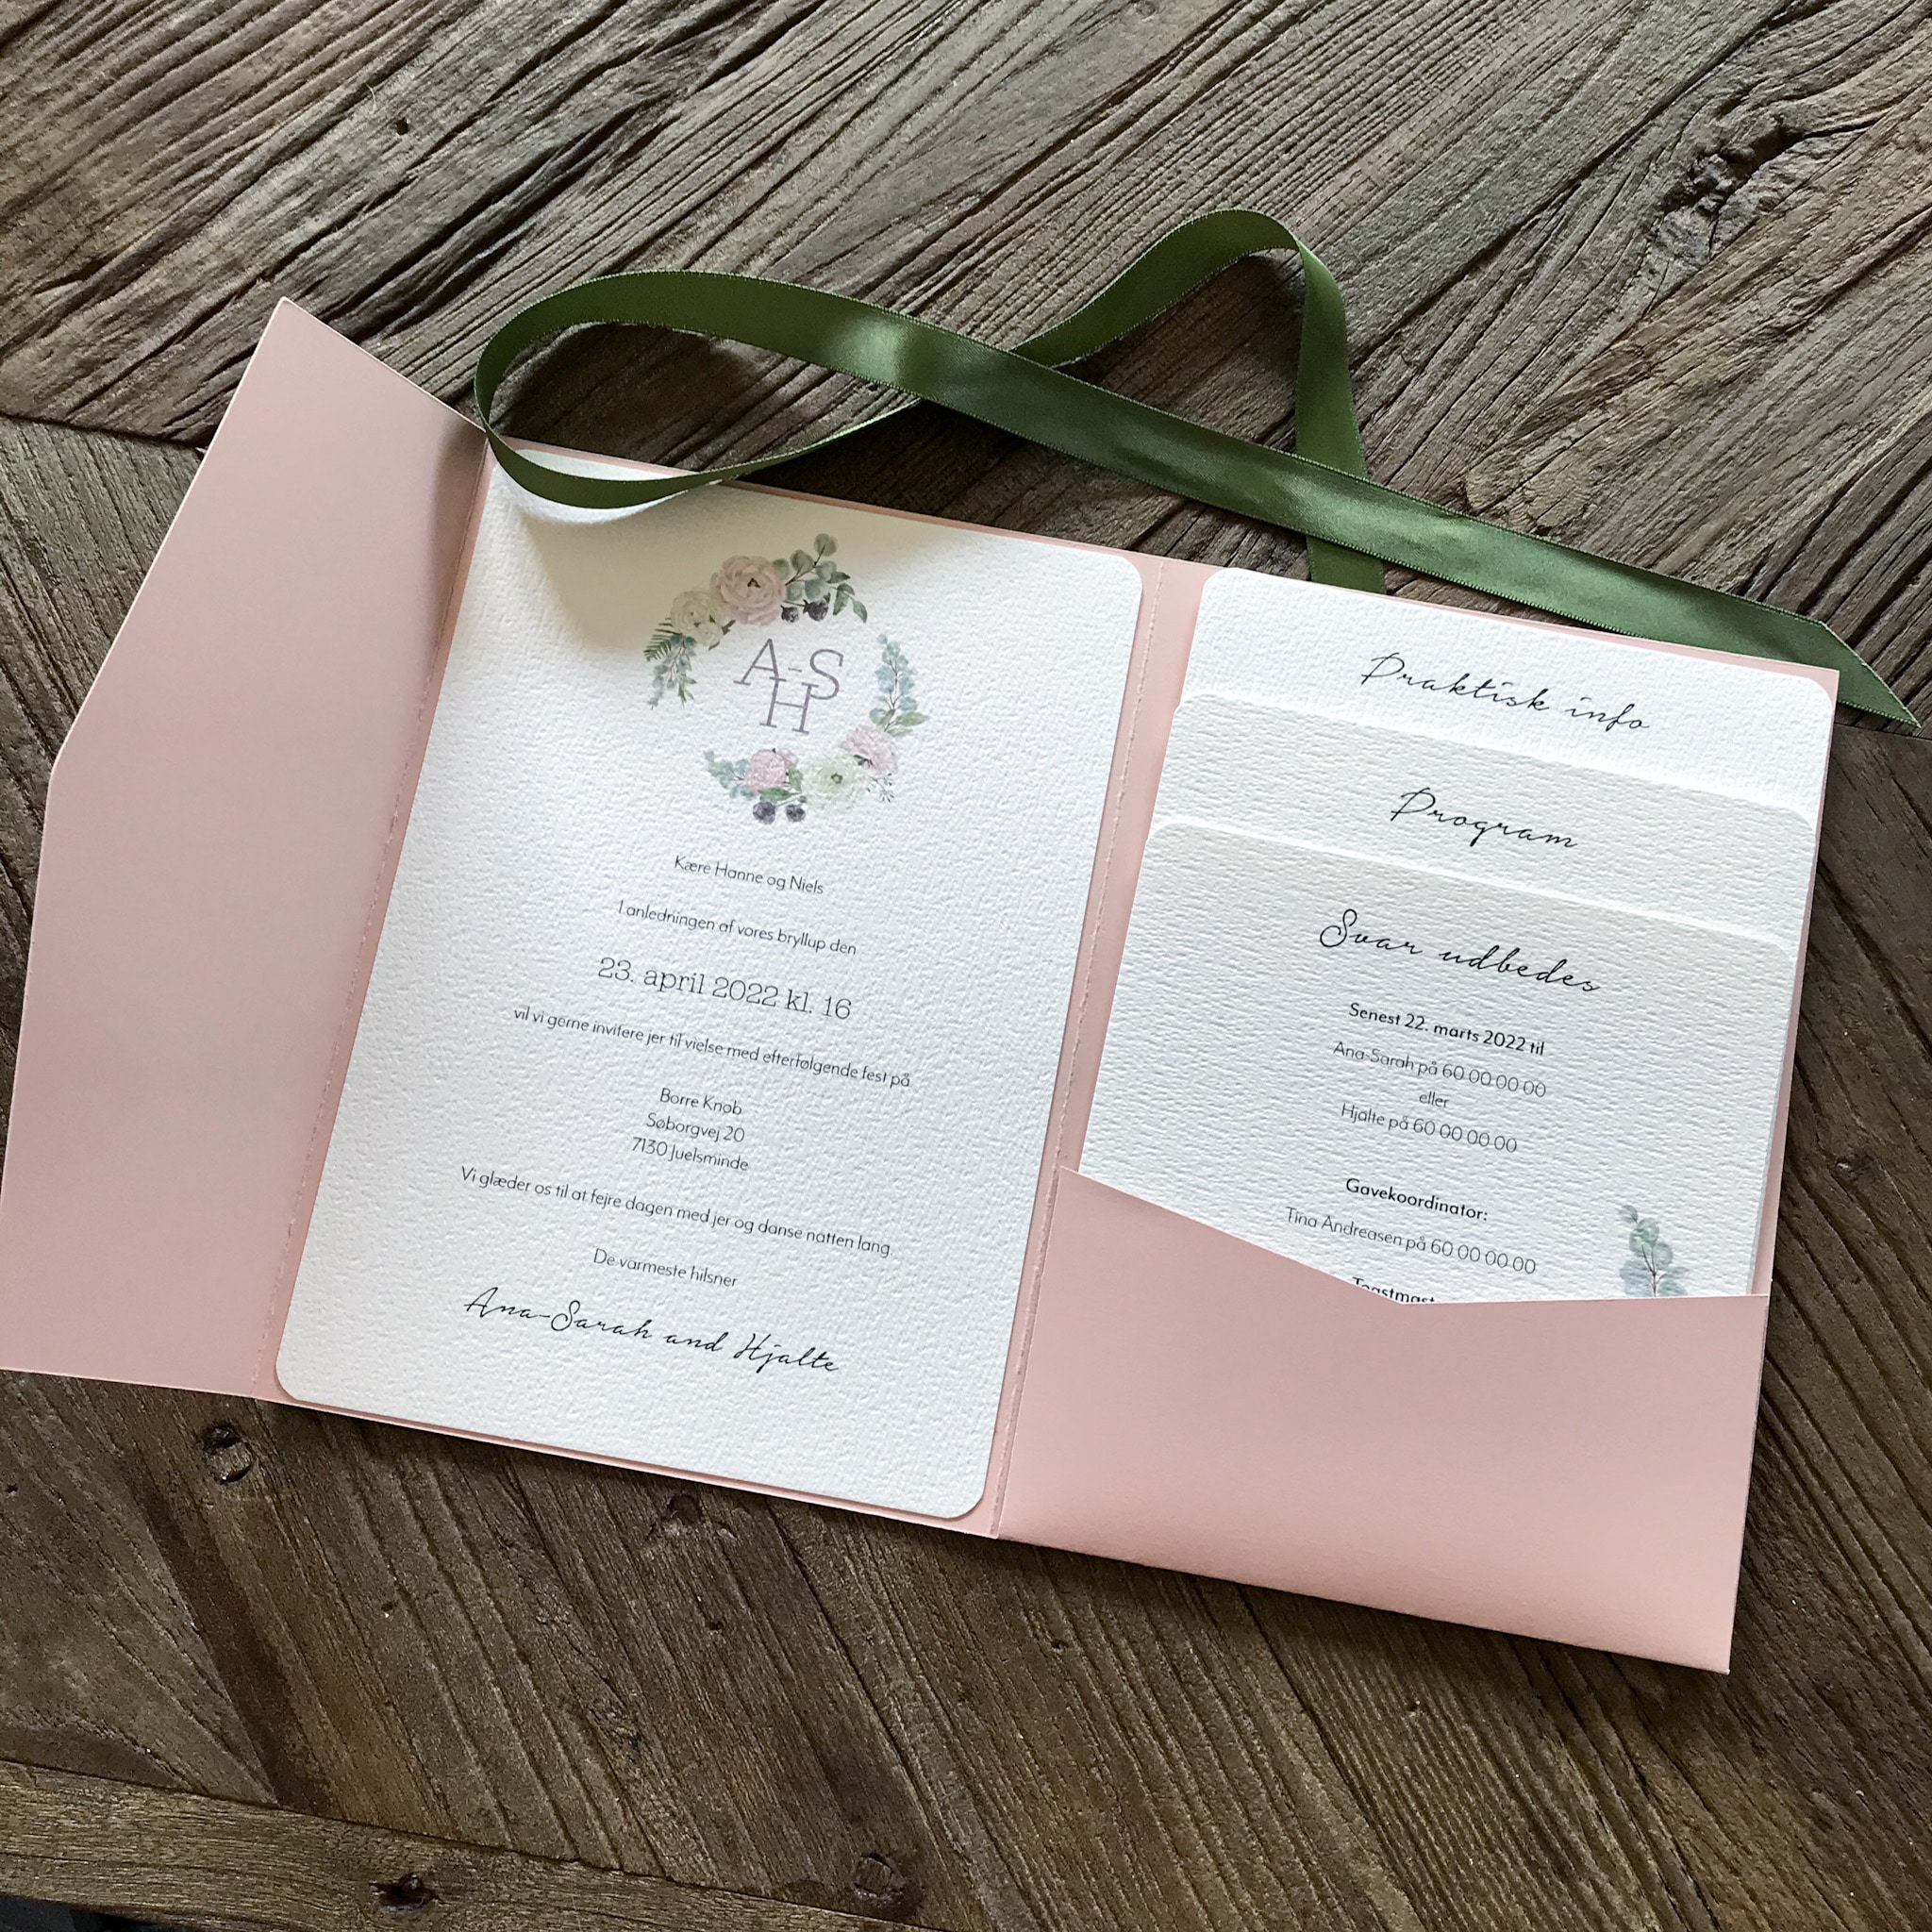 Custom design invitation med pocketfold (lommeinvitation) på akvarelpapir med brudeparrets monogram og håndtegnet grafik lavet af Woodhazel